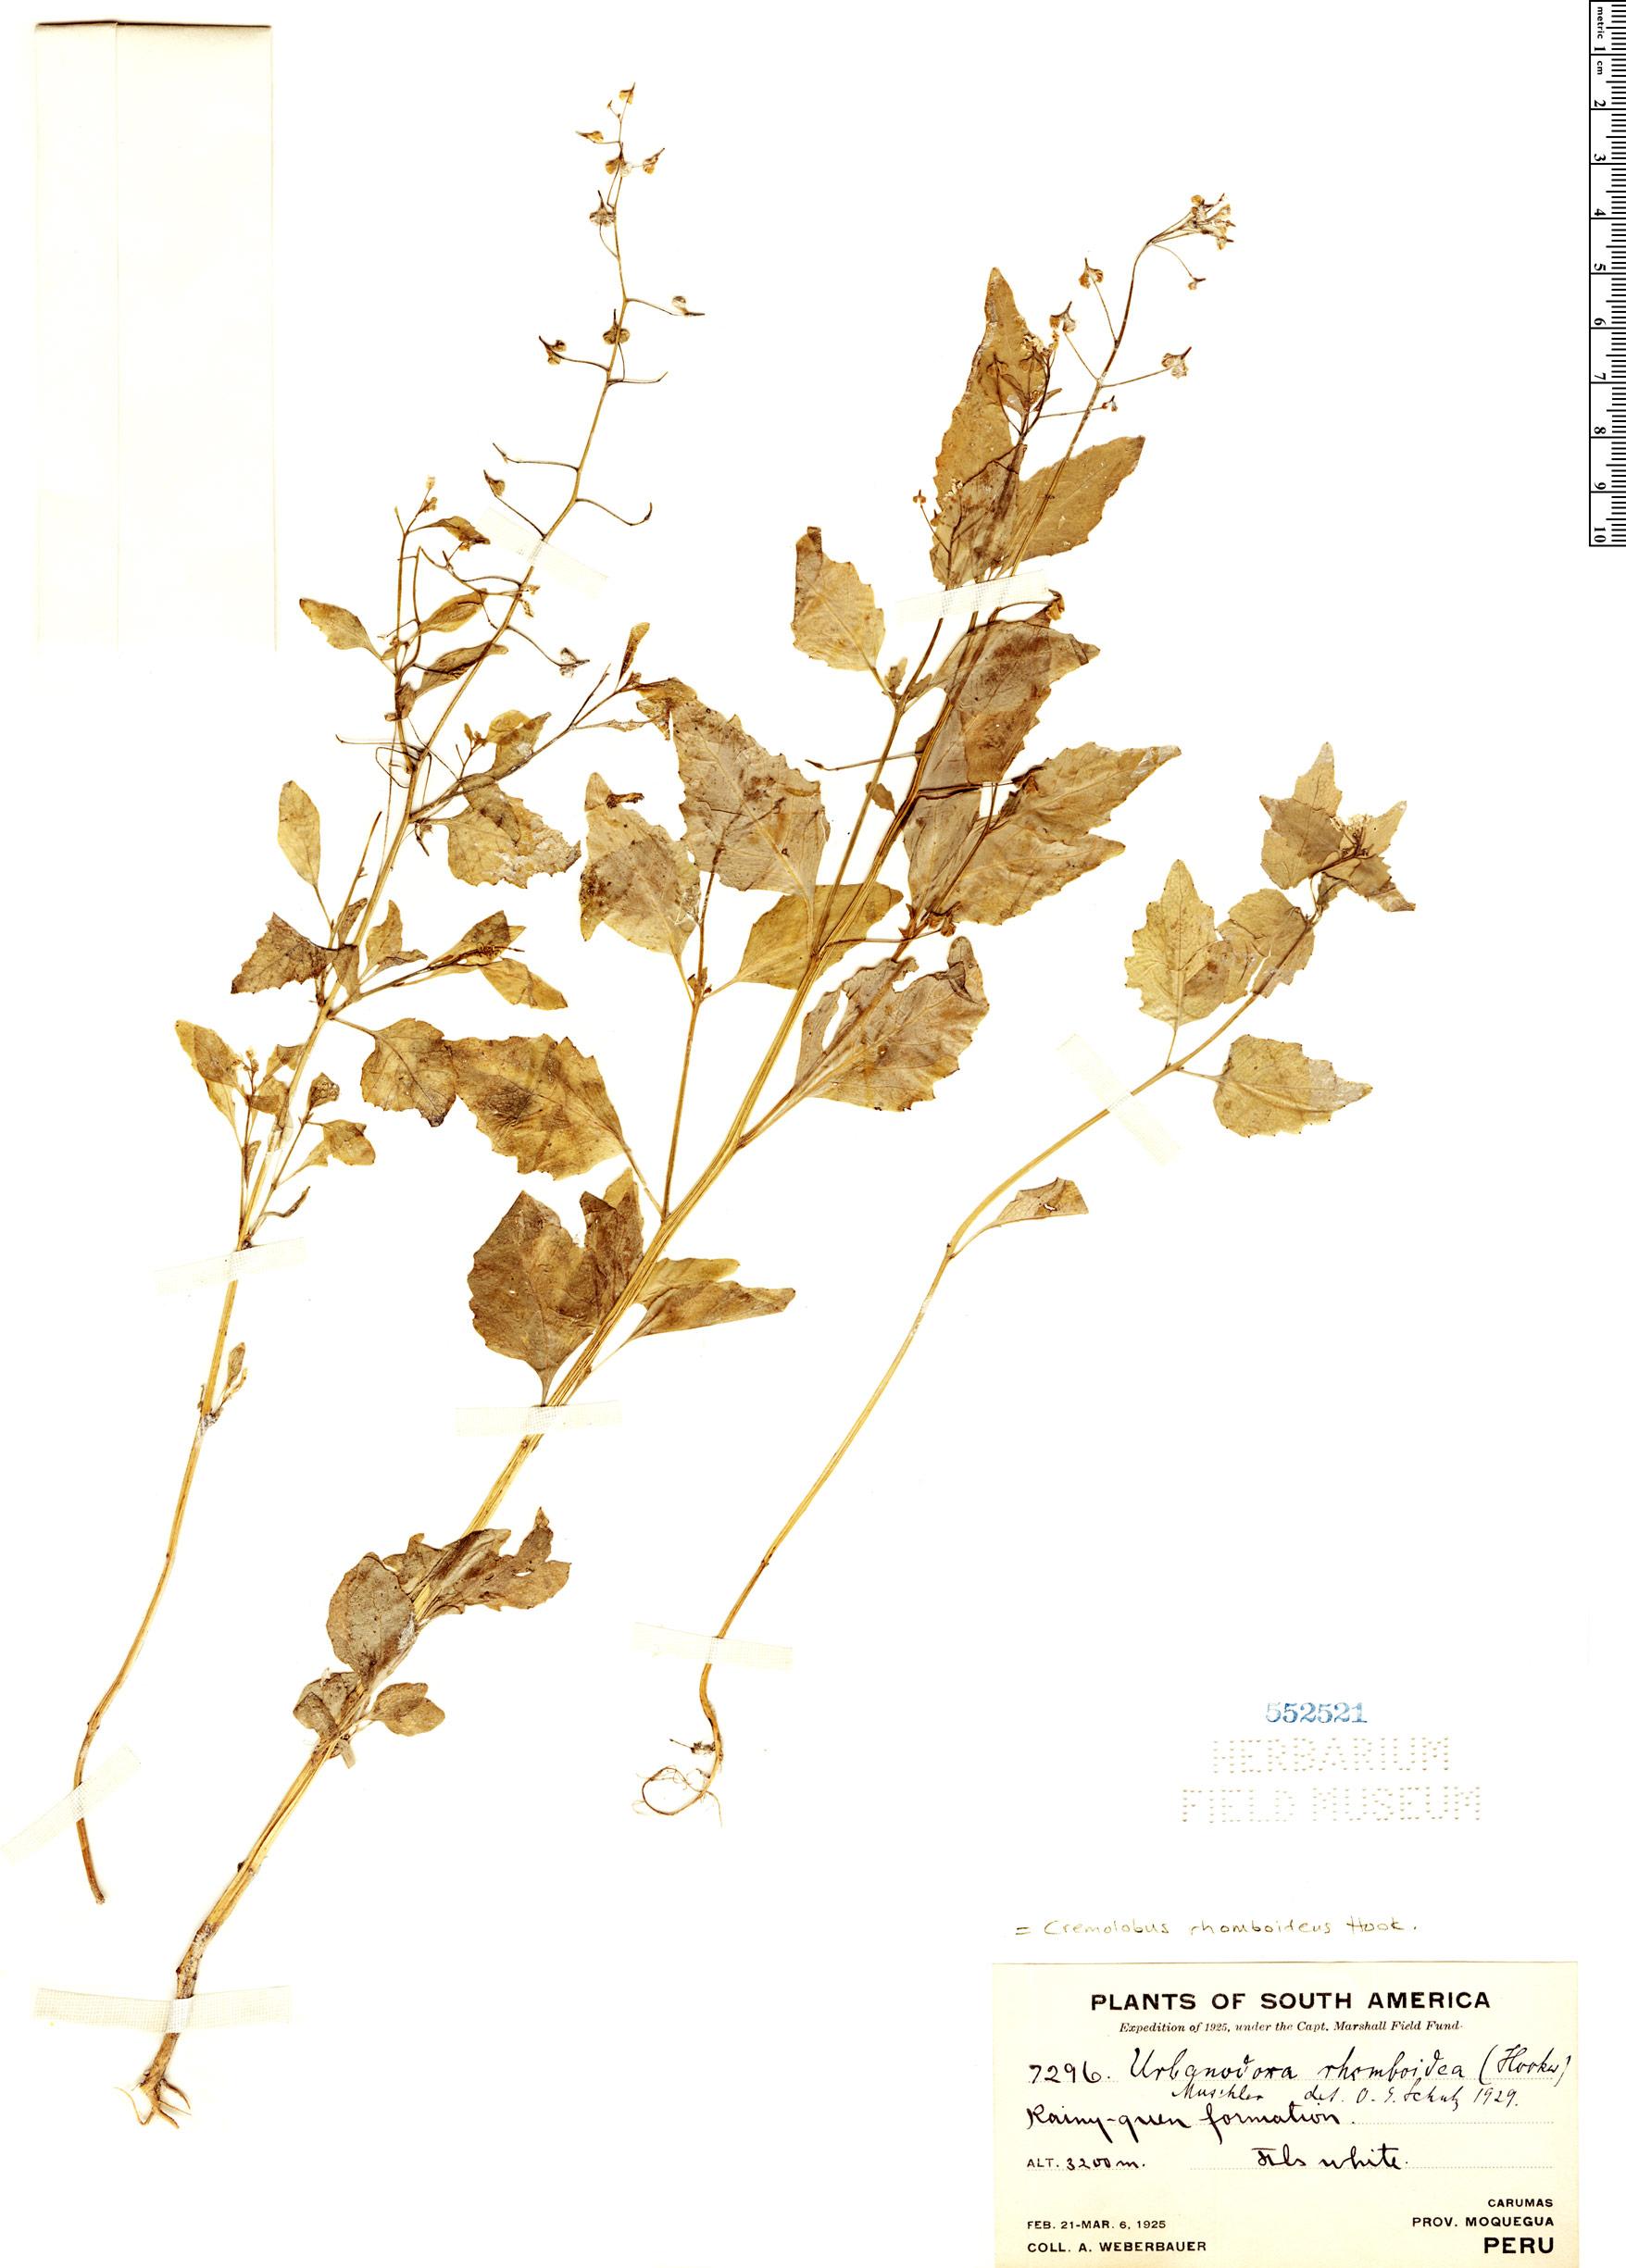 Specimen: Cremolobus rhomboideus